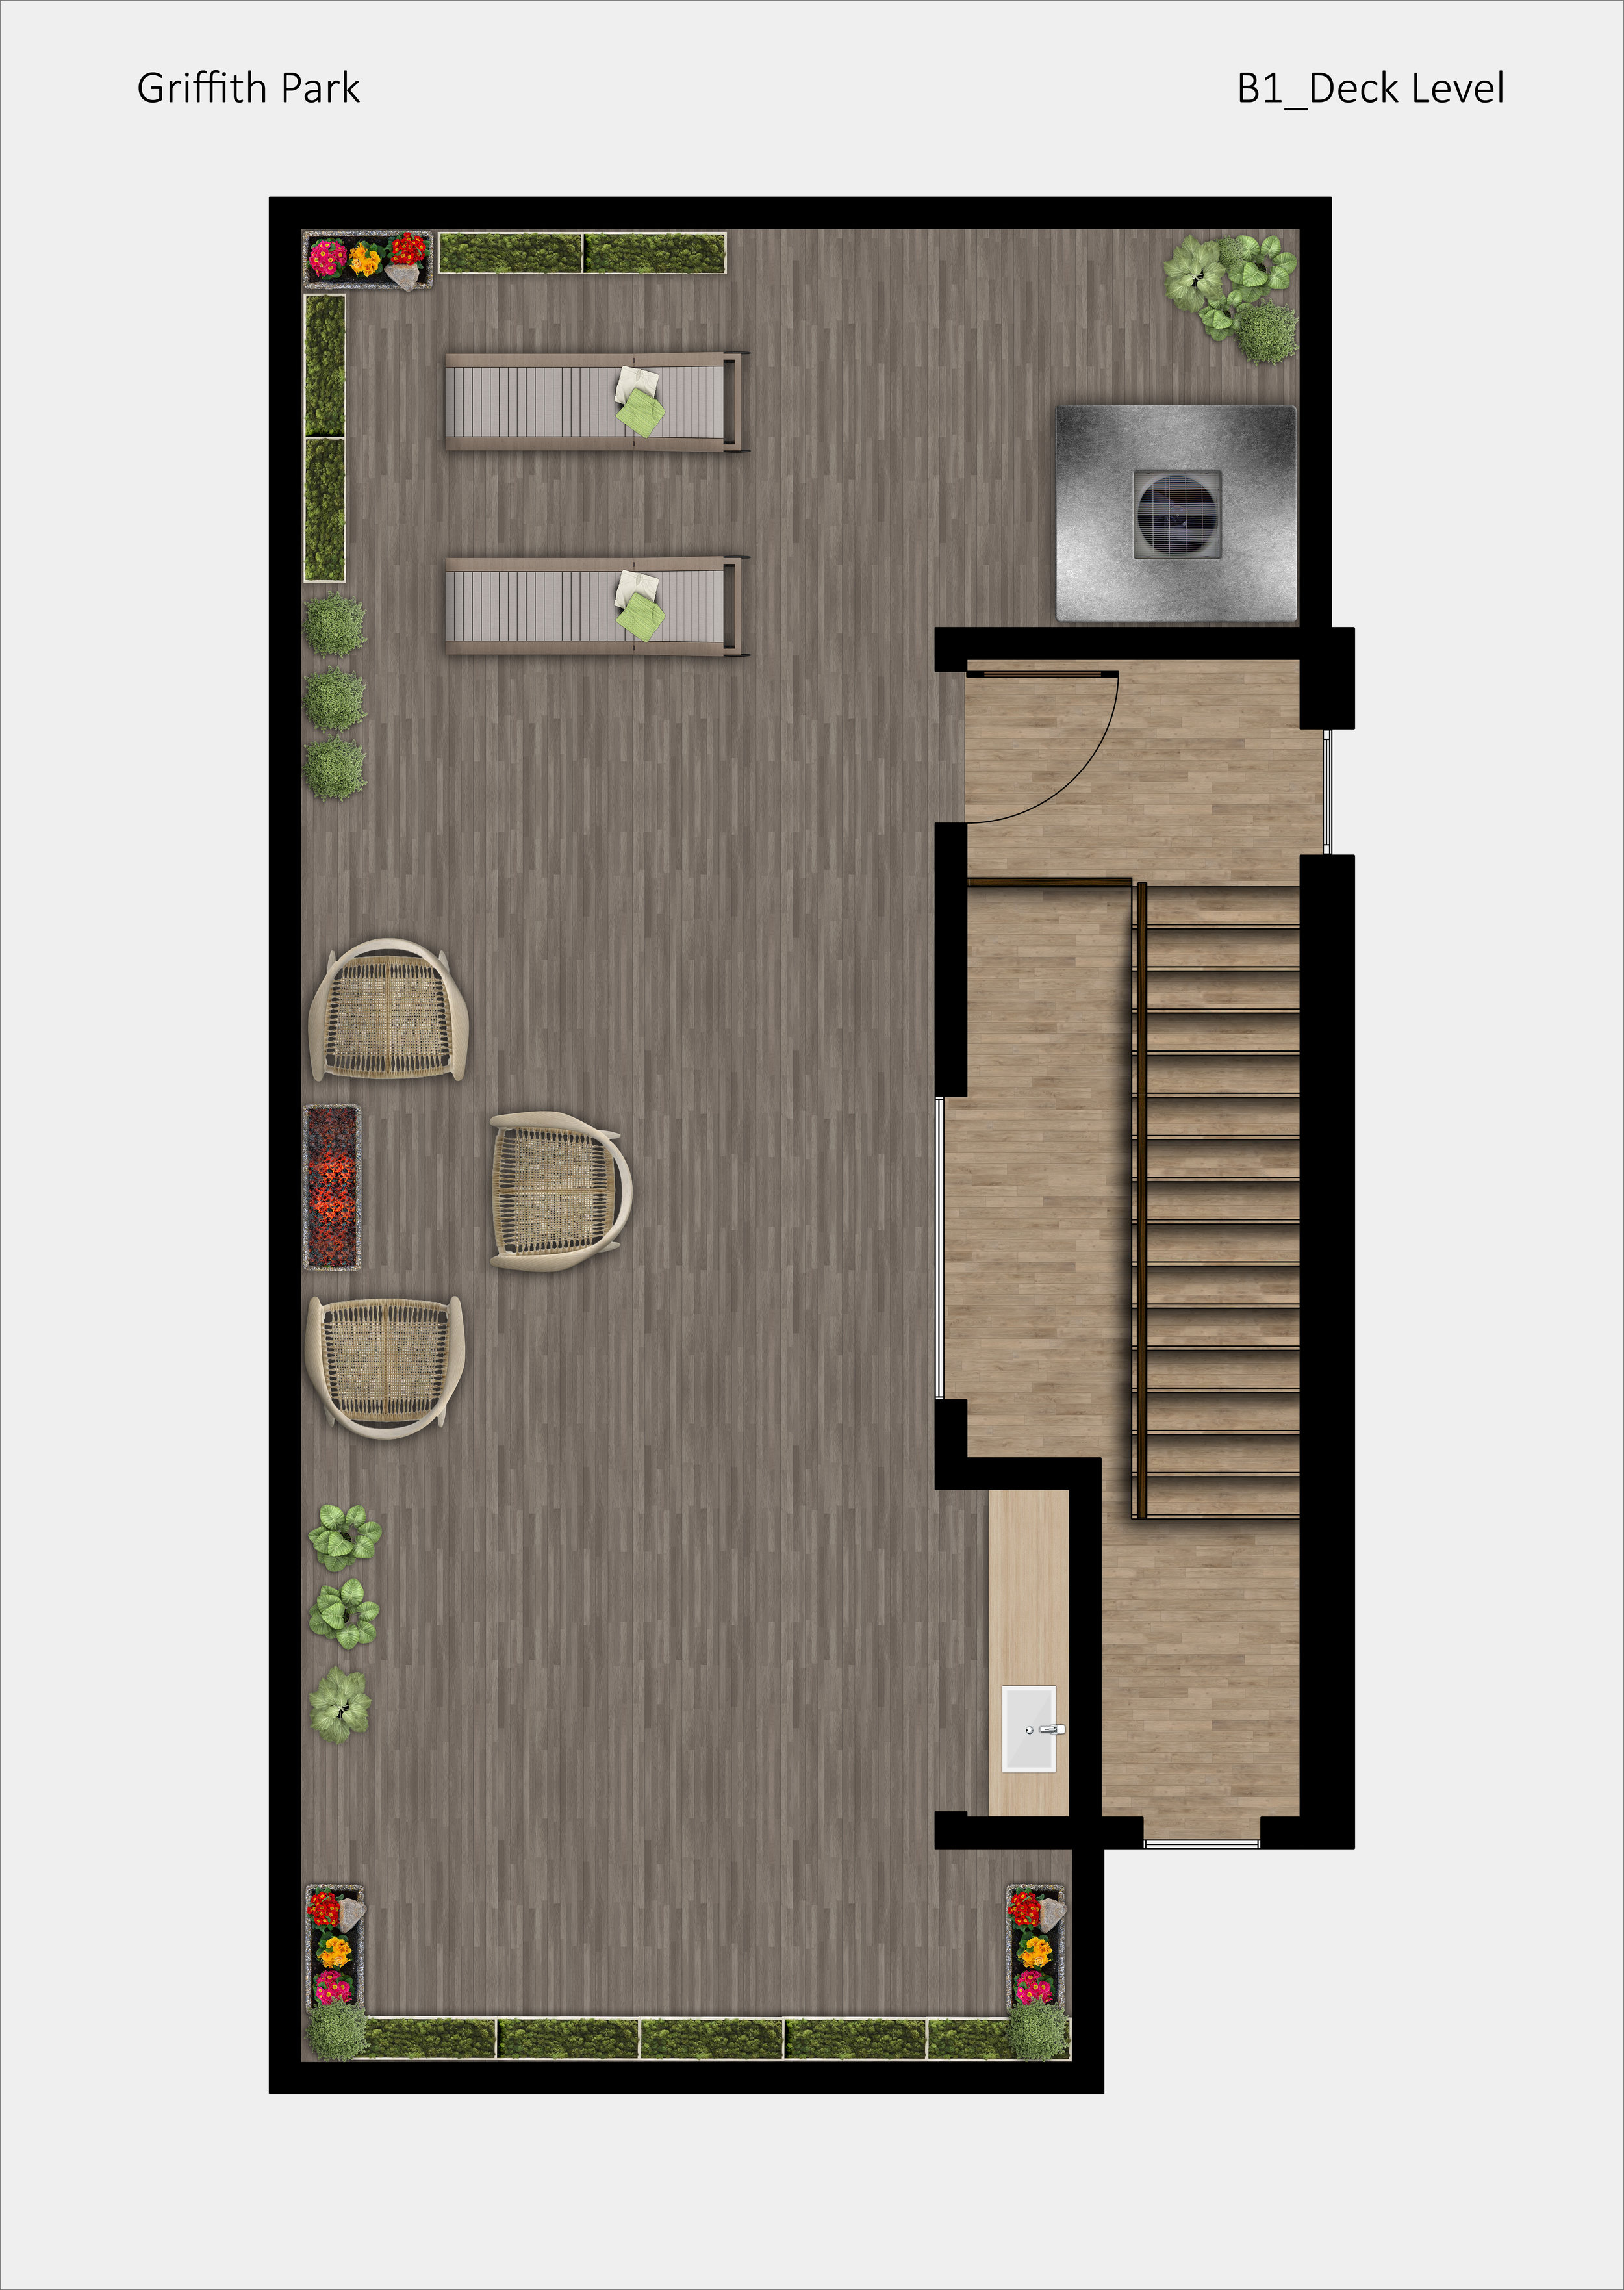 Griffith_Park_B1_Deck Level_FNL.jpg